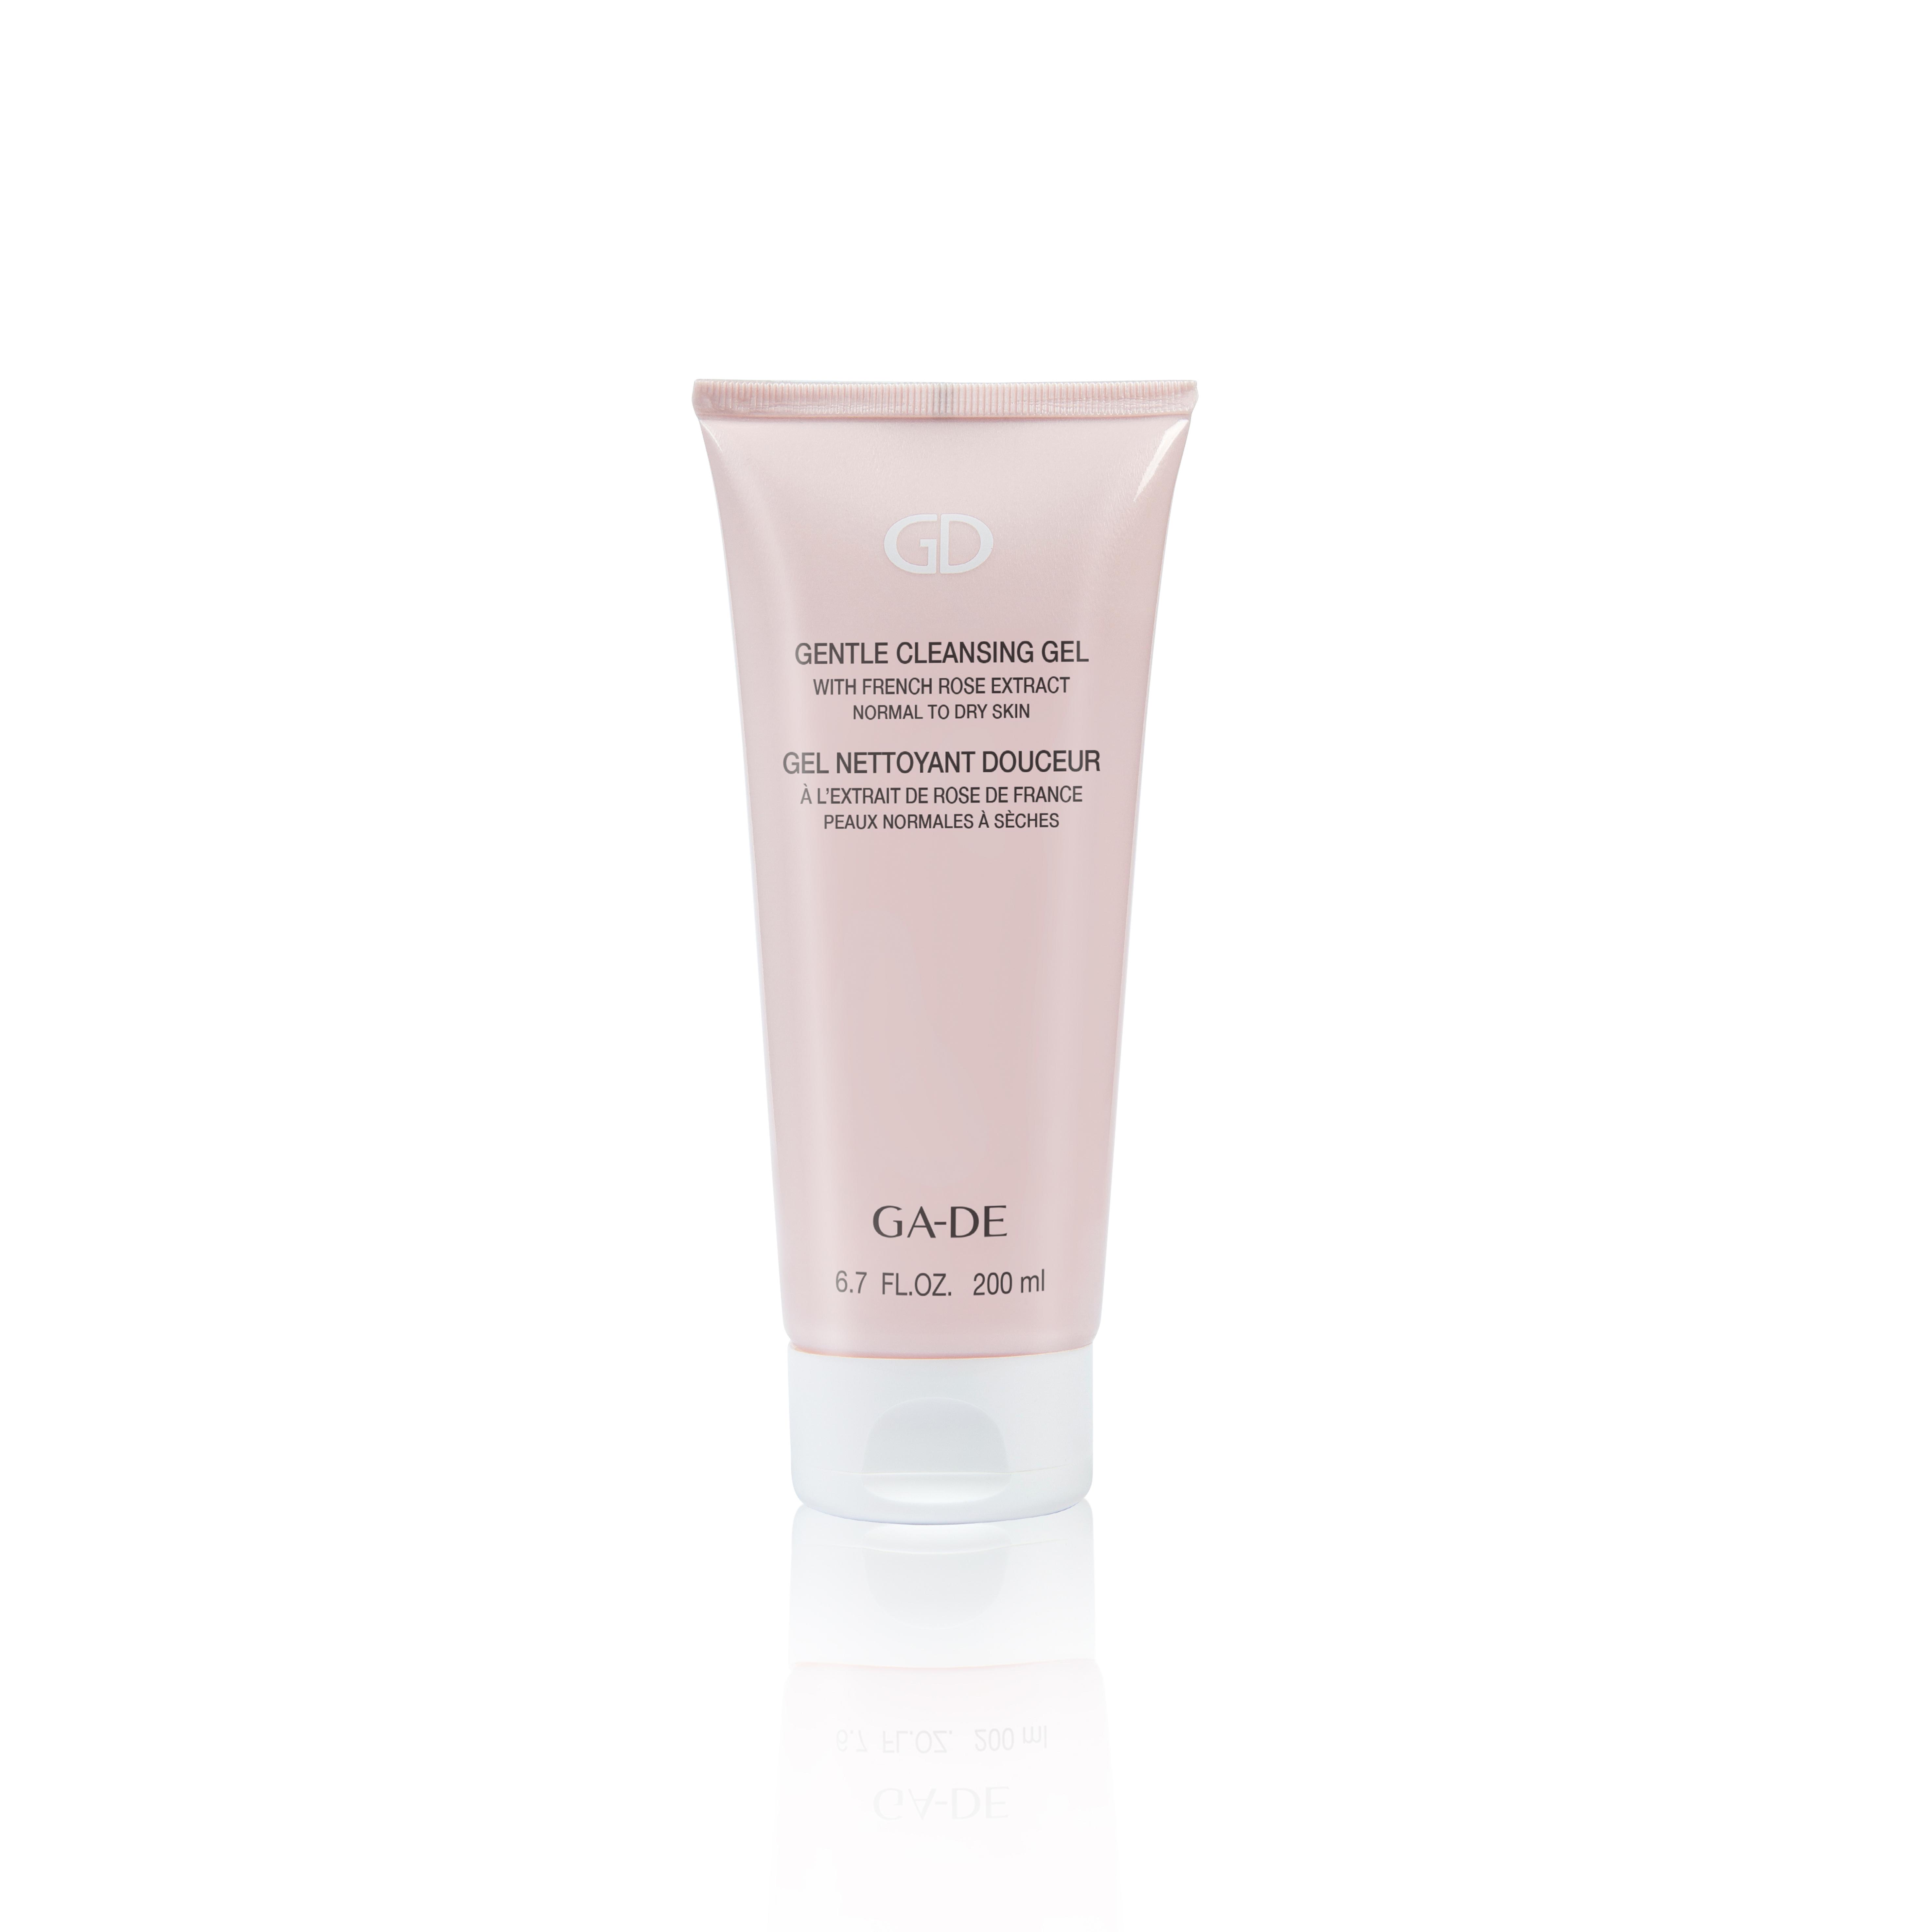 Очищающий Гель для нормальной и сухой кожи - Purifying Cleansing Gel